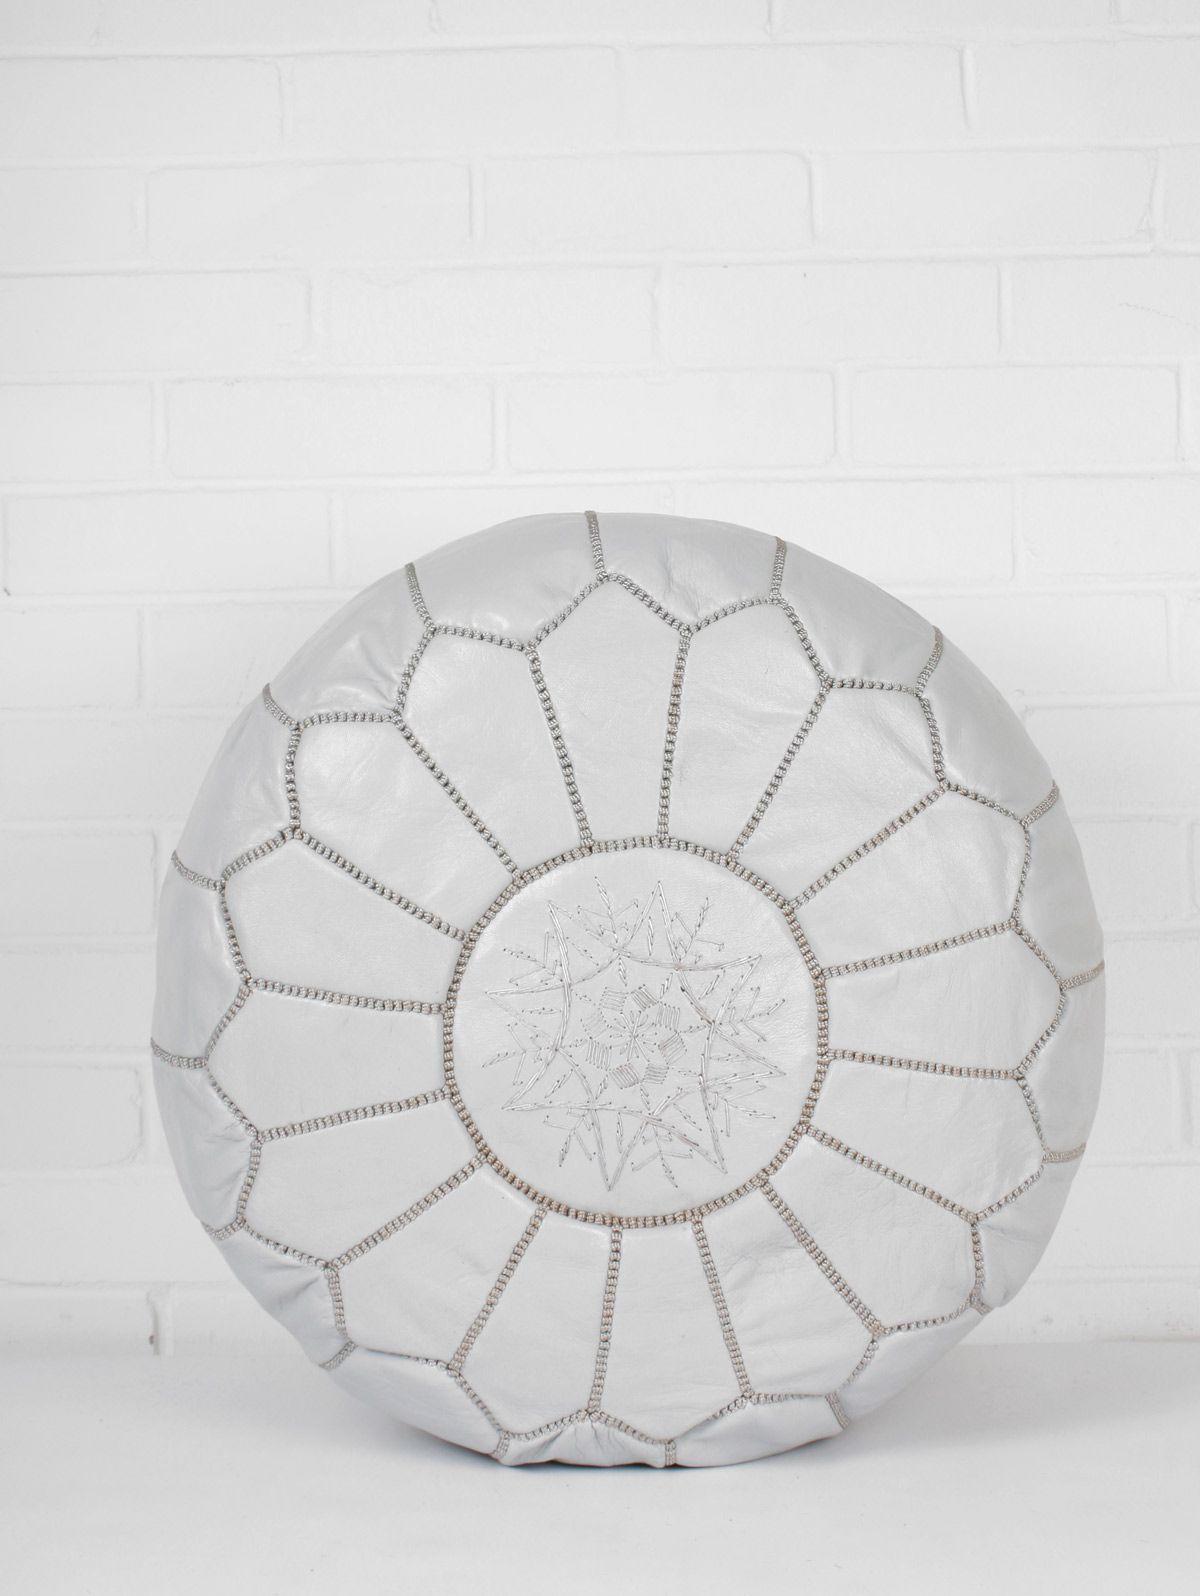 SKOuRA Marocký kožený taburet Grey, šedá barva, kůže